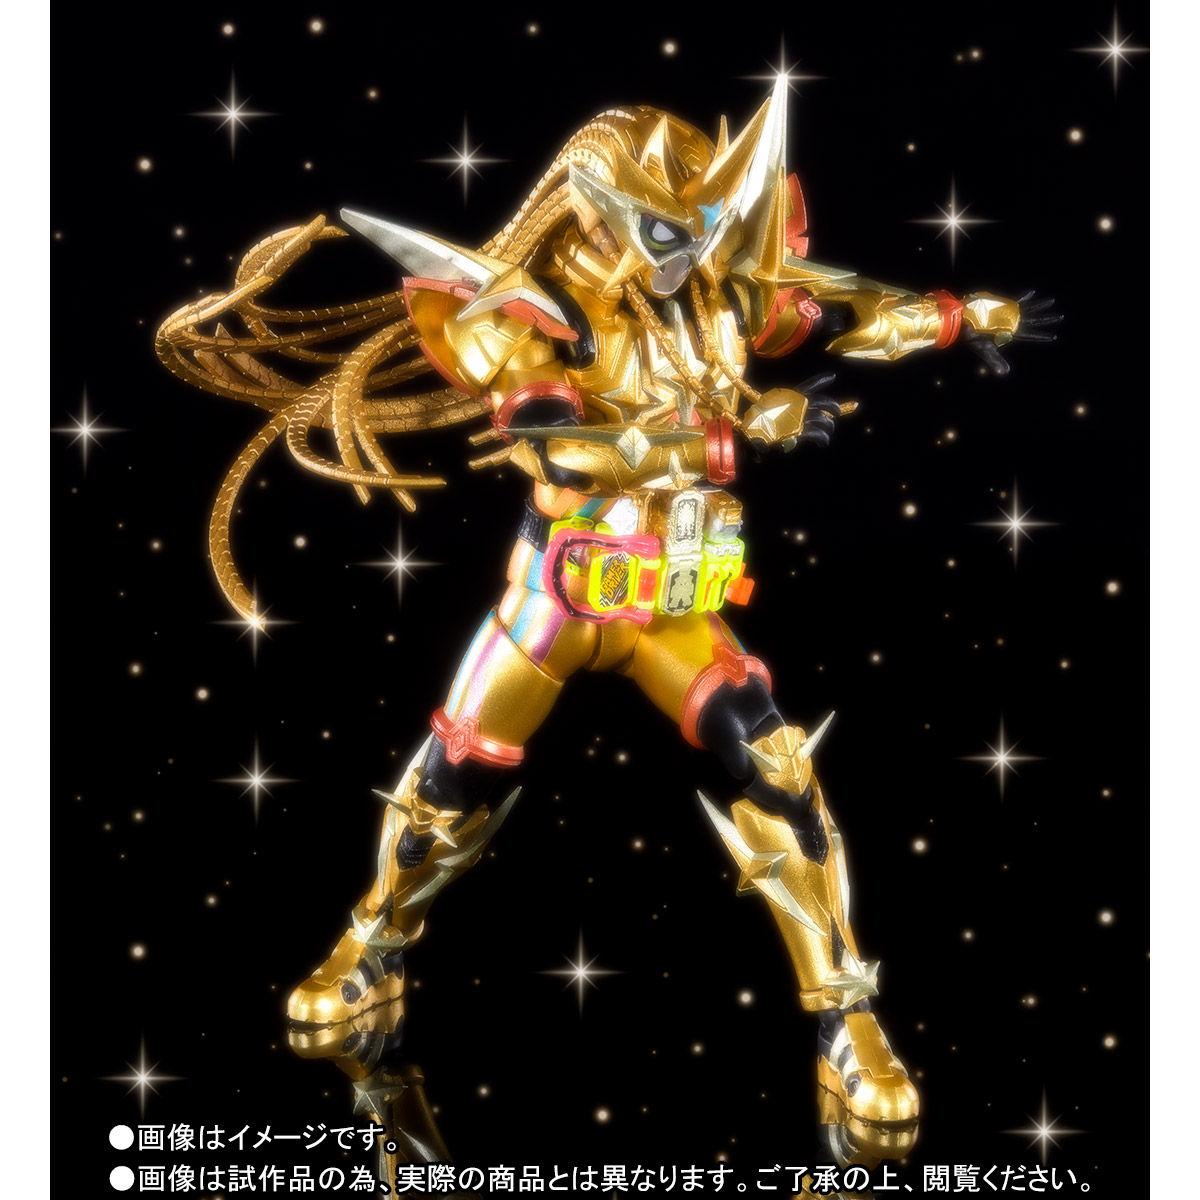 【限定販売】S.H.Figuarts『仮面ライダーエグゼイド ムテキゲーマー』可動フィギュア-006